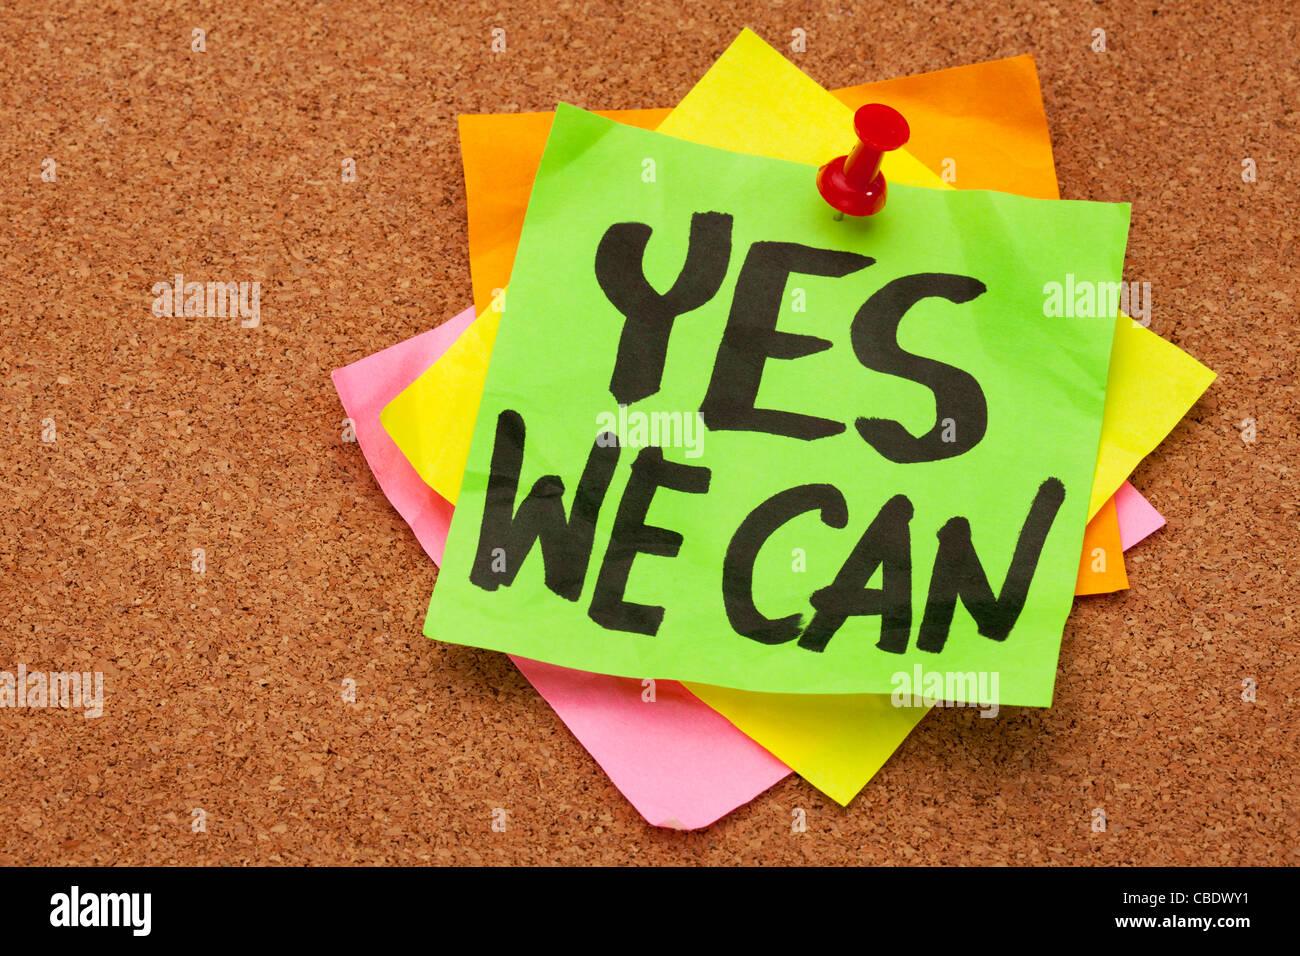 Yes We Can - slogan motivazionale su una pila di foglietti adesivi postato sul sughero bulletin board Foto Stock